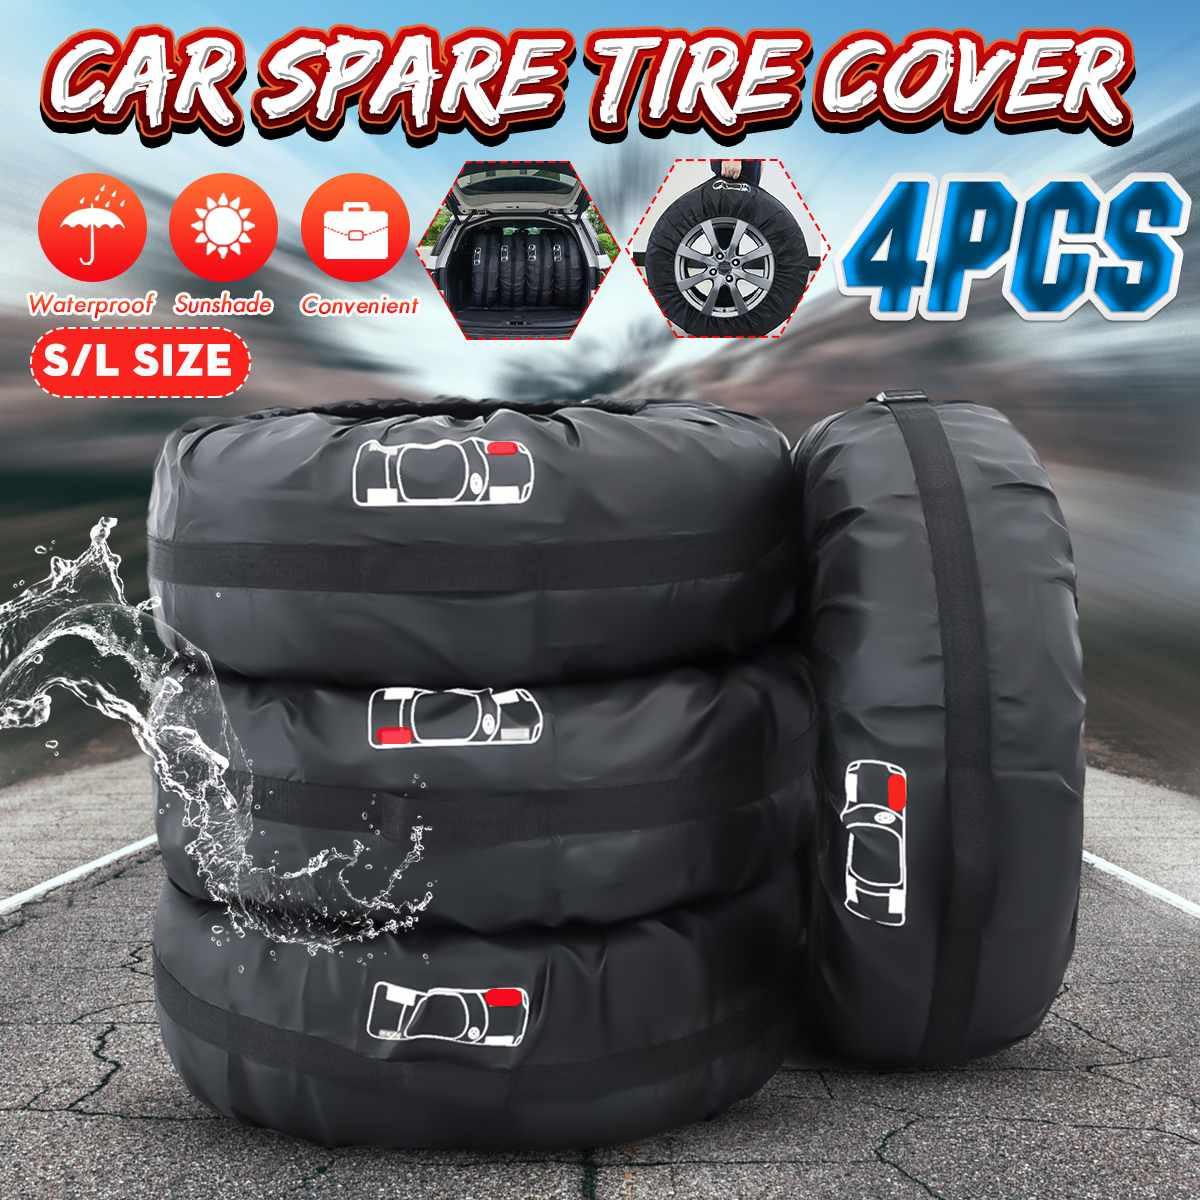 Universal 4Pcs S/Lรถฝาครอบยางอะไหล่กรณีโพลีเอสเตอร์ยางกระเป๋าเก็บกระเป๋าAutoยางล้อกันฝุ่นกันน้ำ